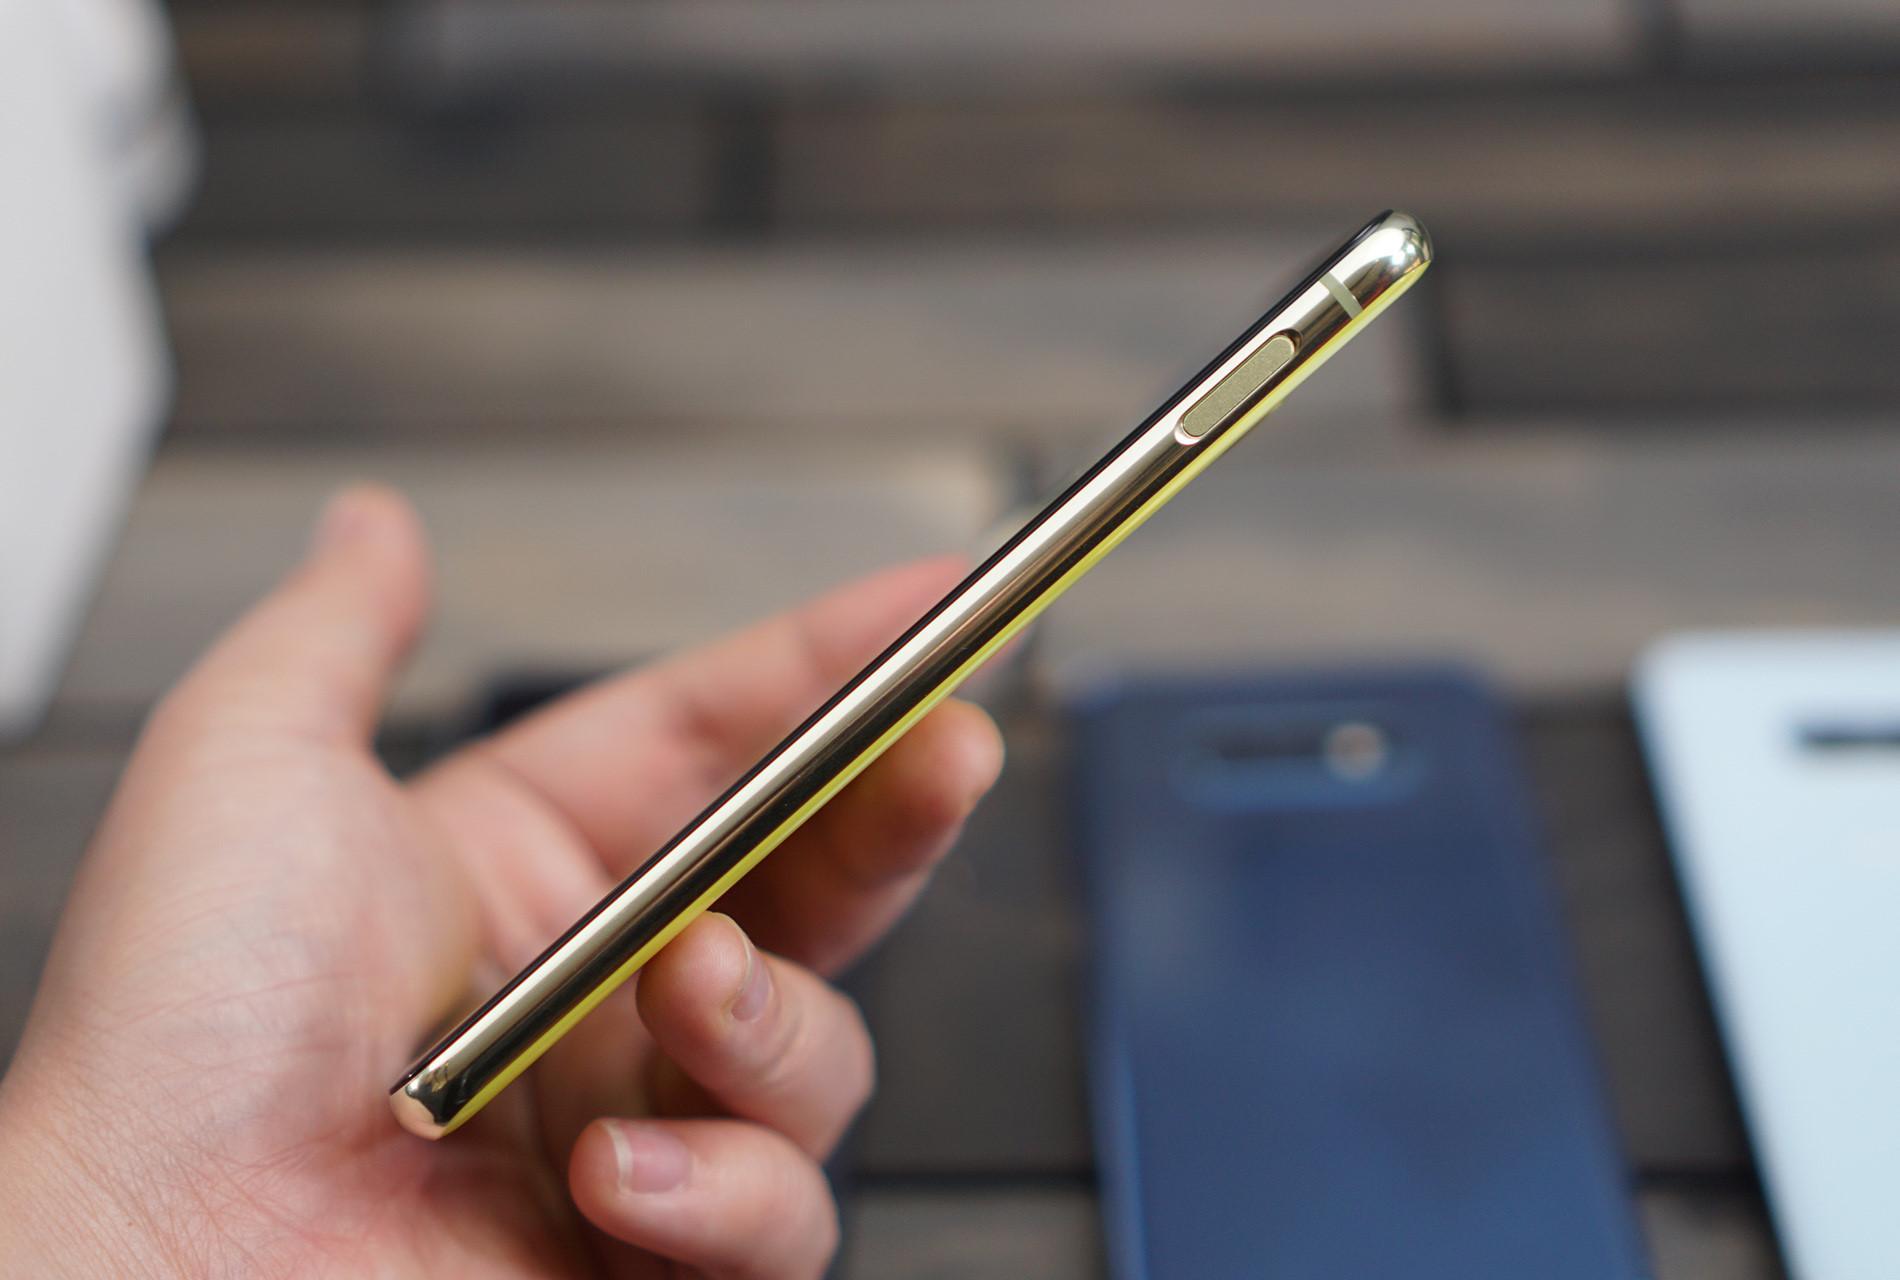 Chi tiết Galaxy S10e - vũ khí bí mật của Samsung? Ảnh 7